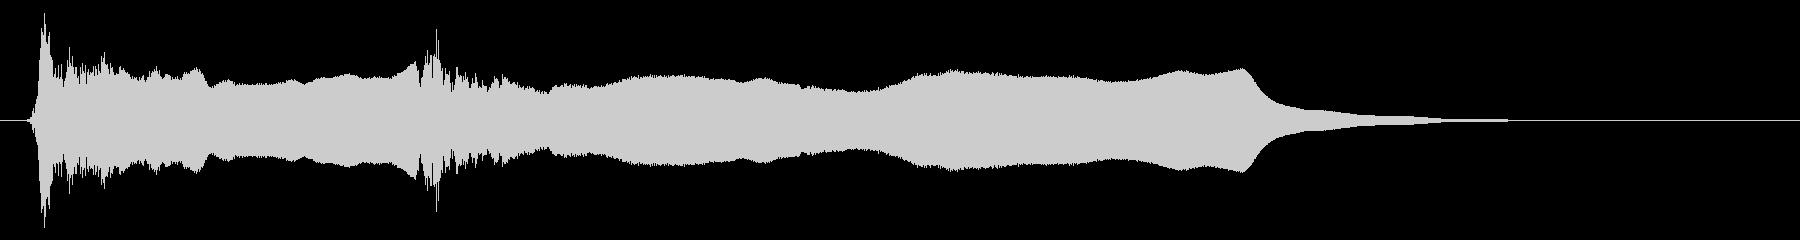 法螺貝01-3の未再生の波形